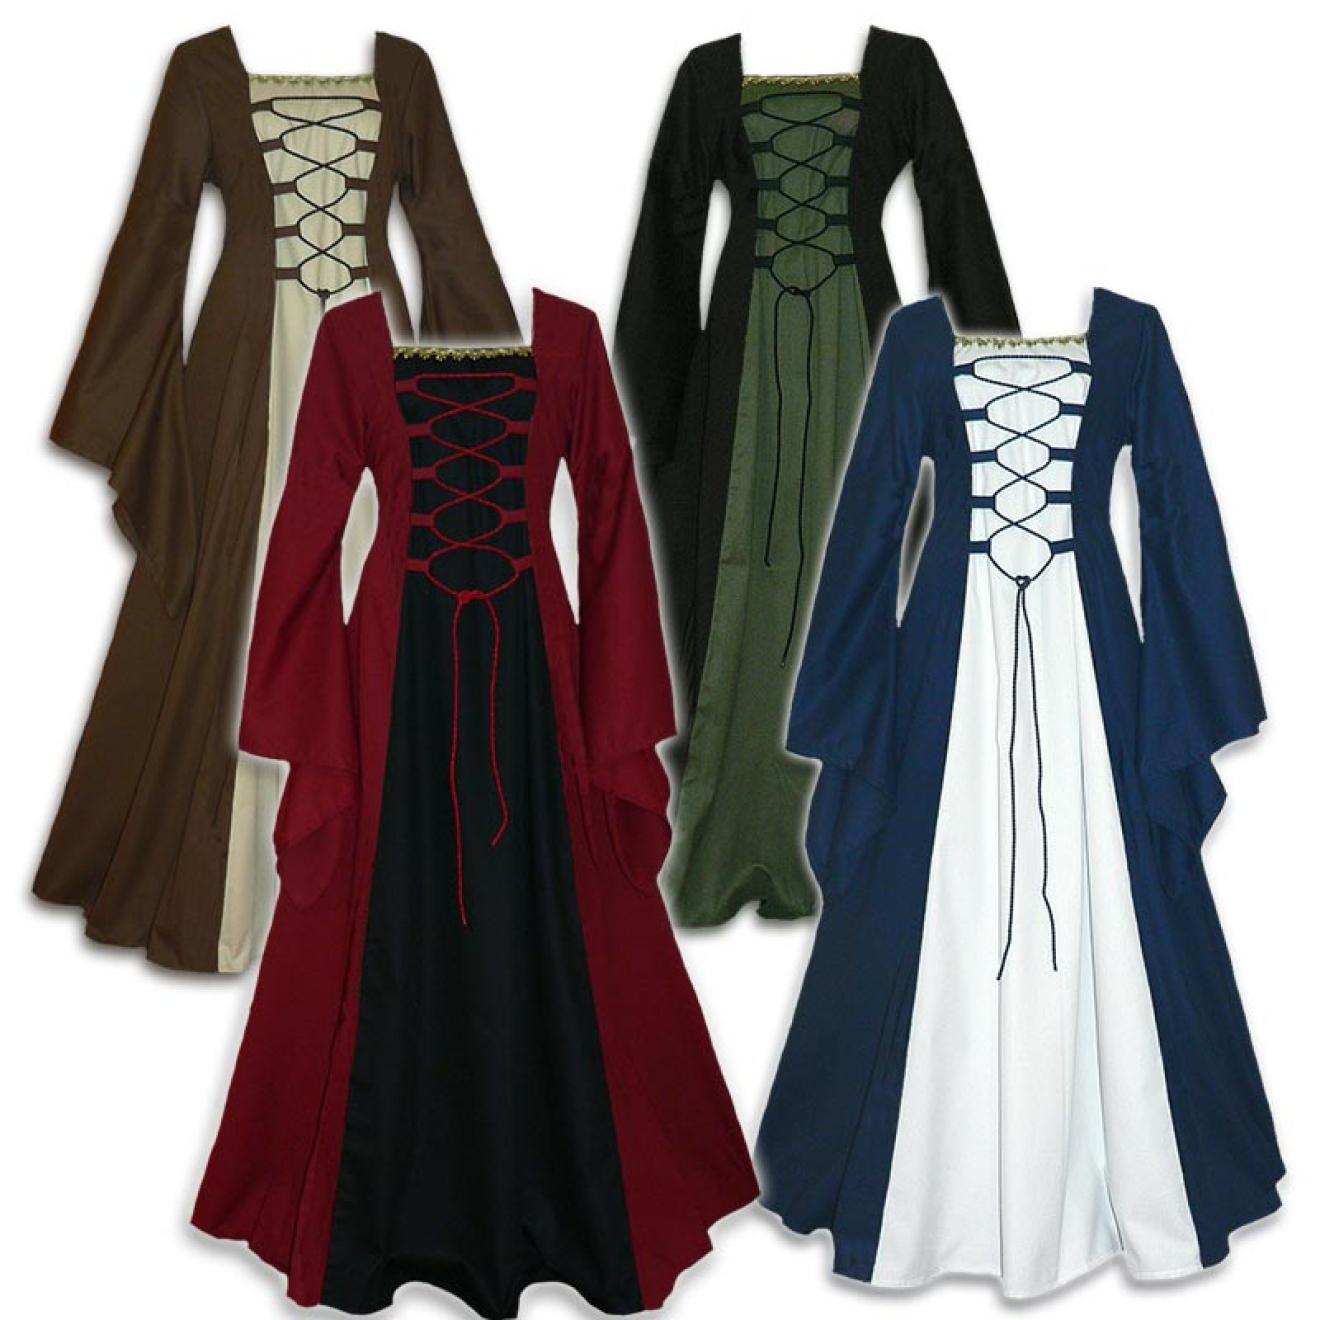 Mittelalter Kleidung maßangefertigt auch in ganz großen Größen und ...